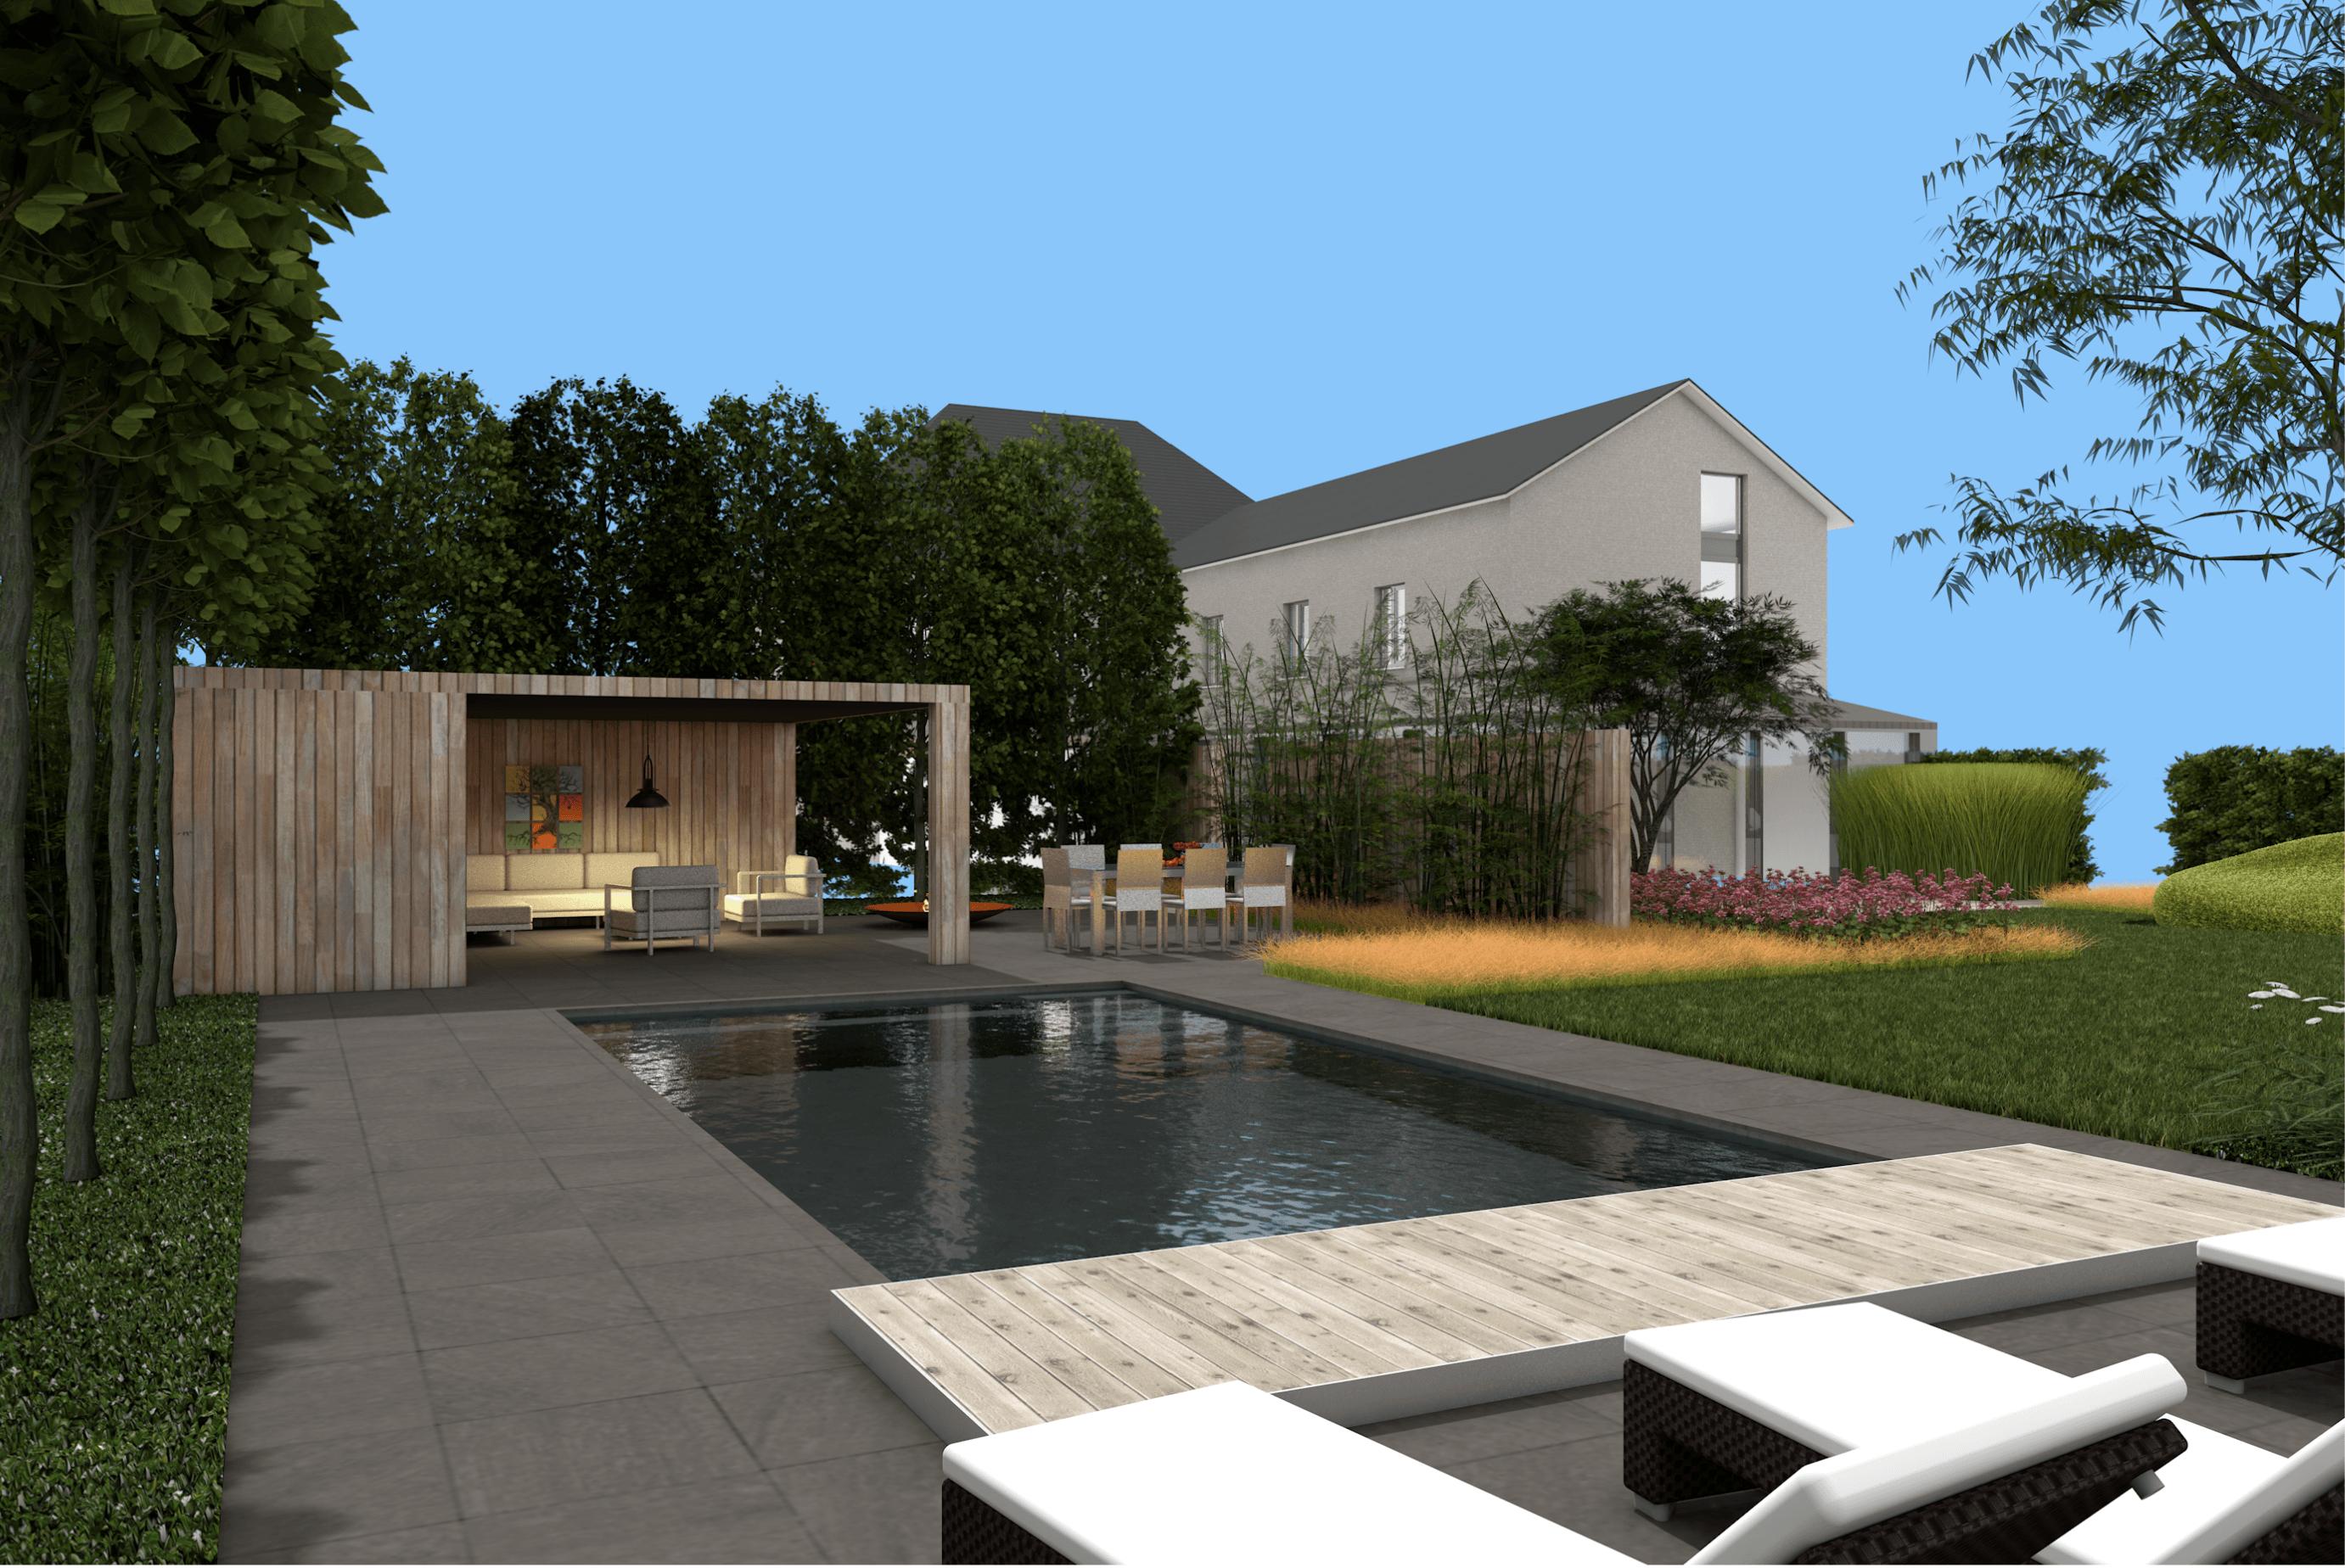 L 39 esquisse du jardin sprl architecte paysagiste en belgique - Architecte de jardin brabant wallon ...